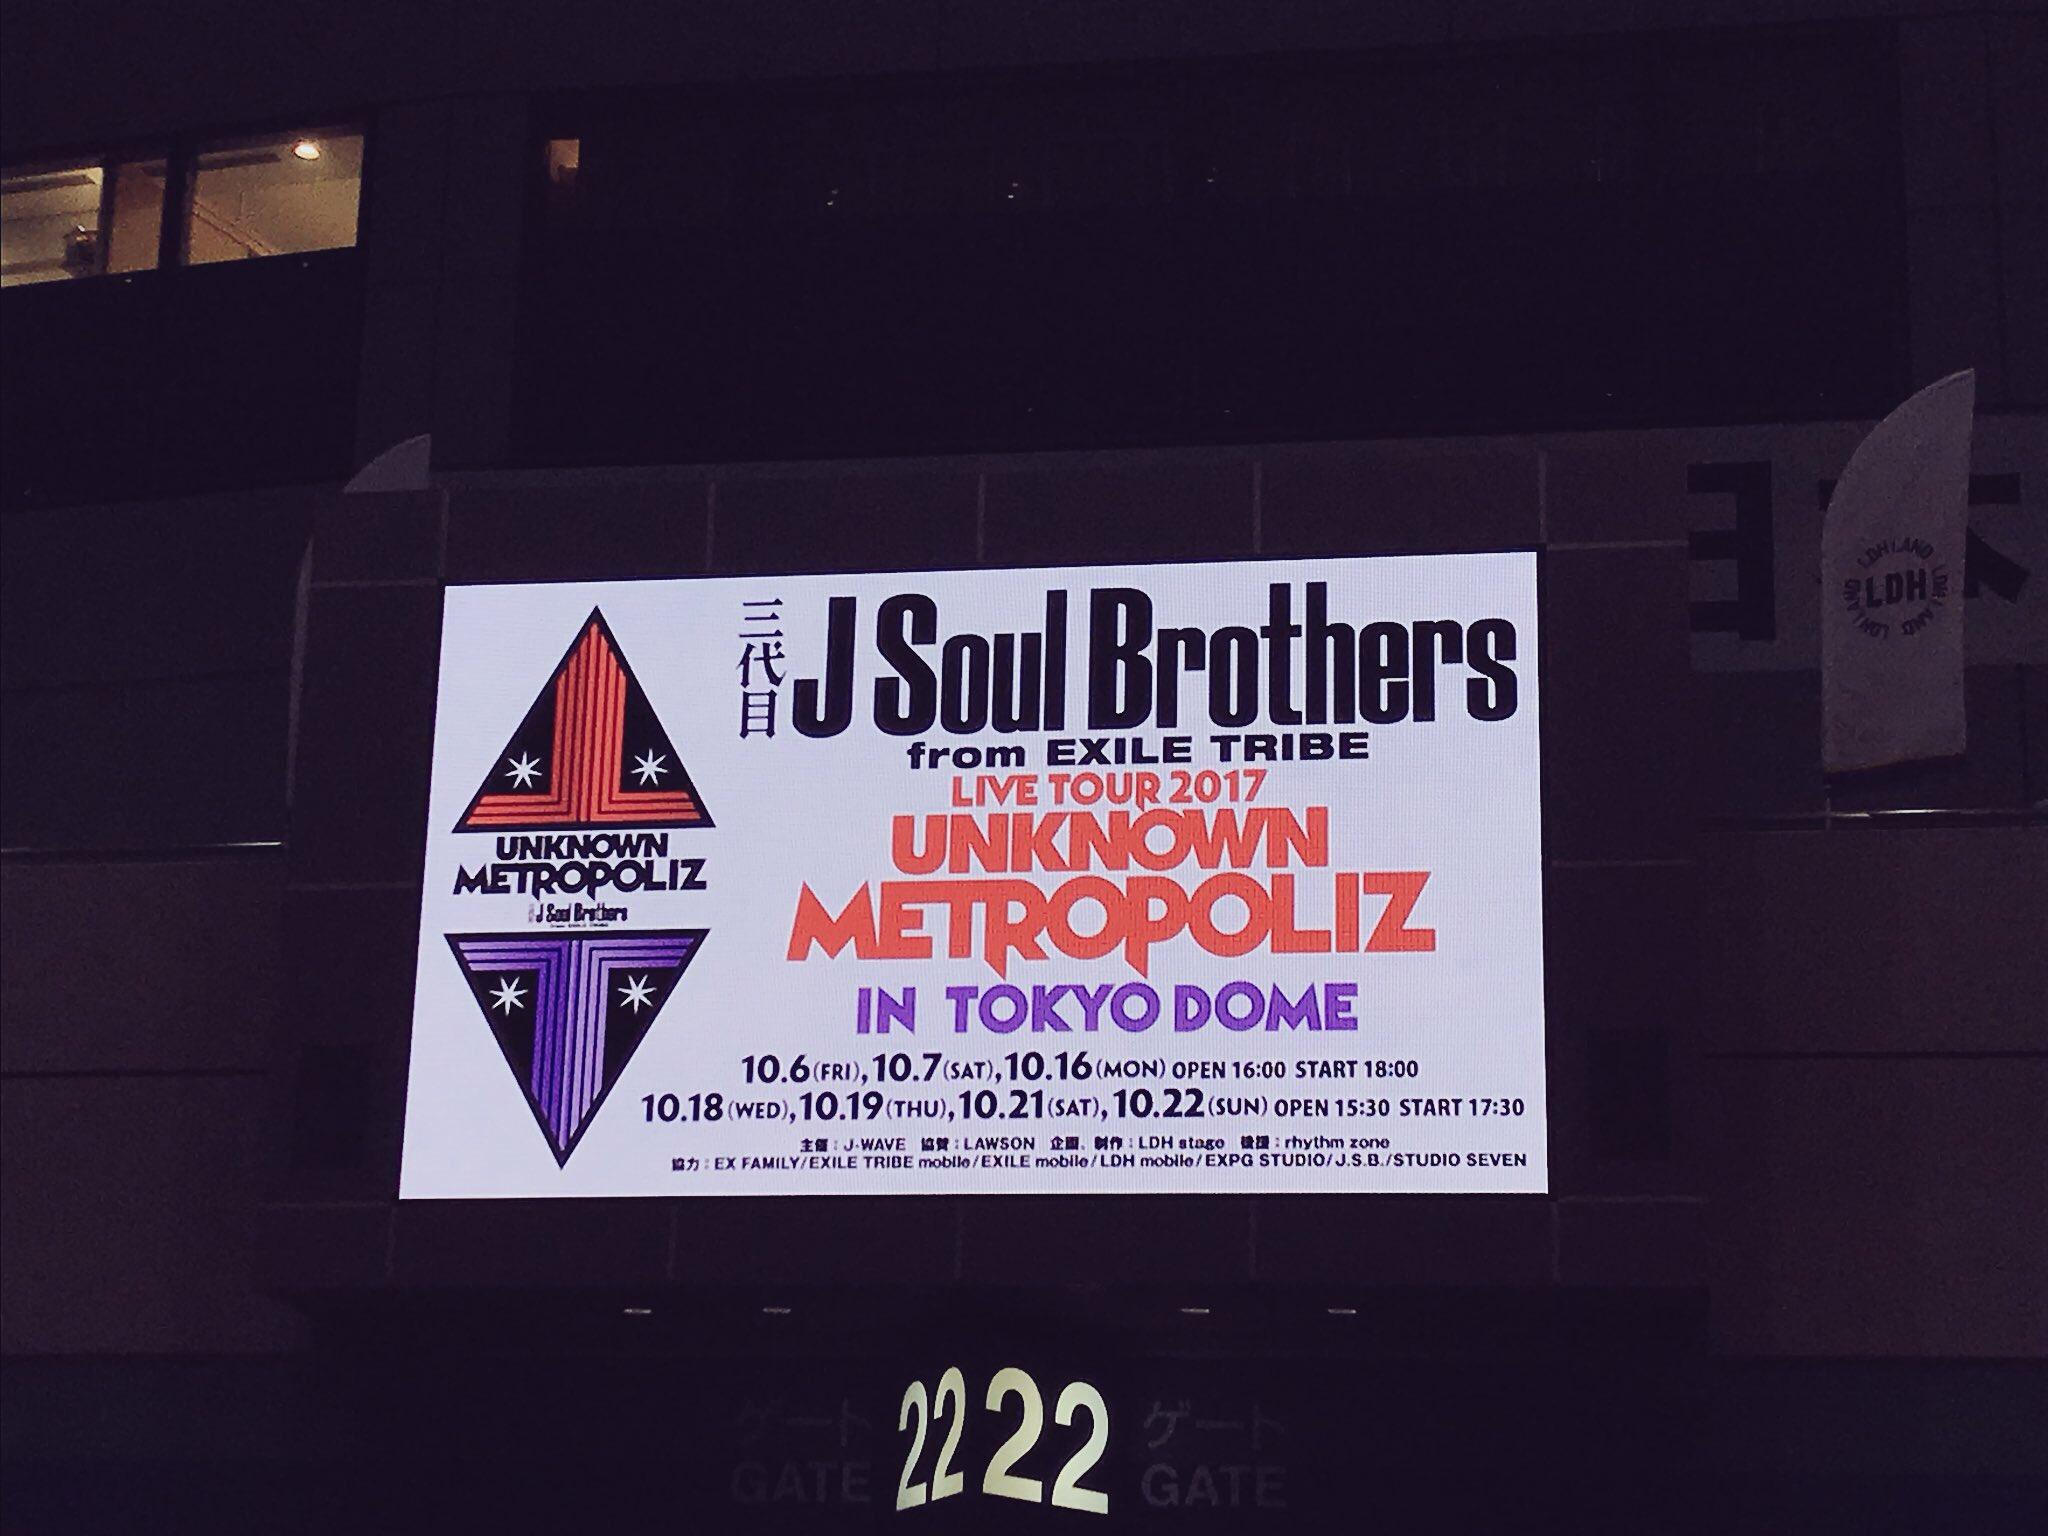 #三代目JSoulBrothers #UNKNOWNMETROPOLIZ #Tokyo #Day2  ������������ https://t.co/MNGY5t4BFC